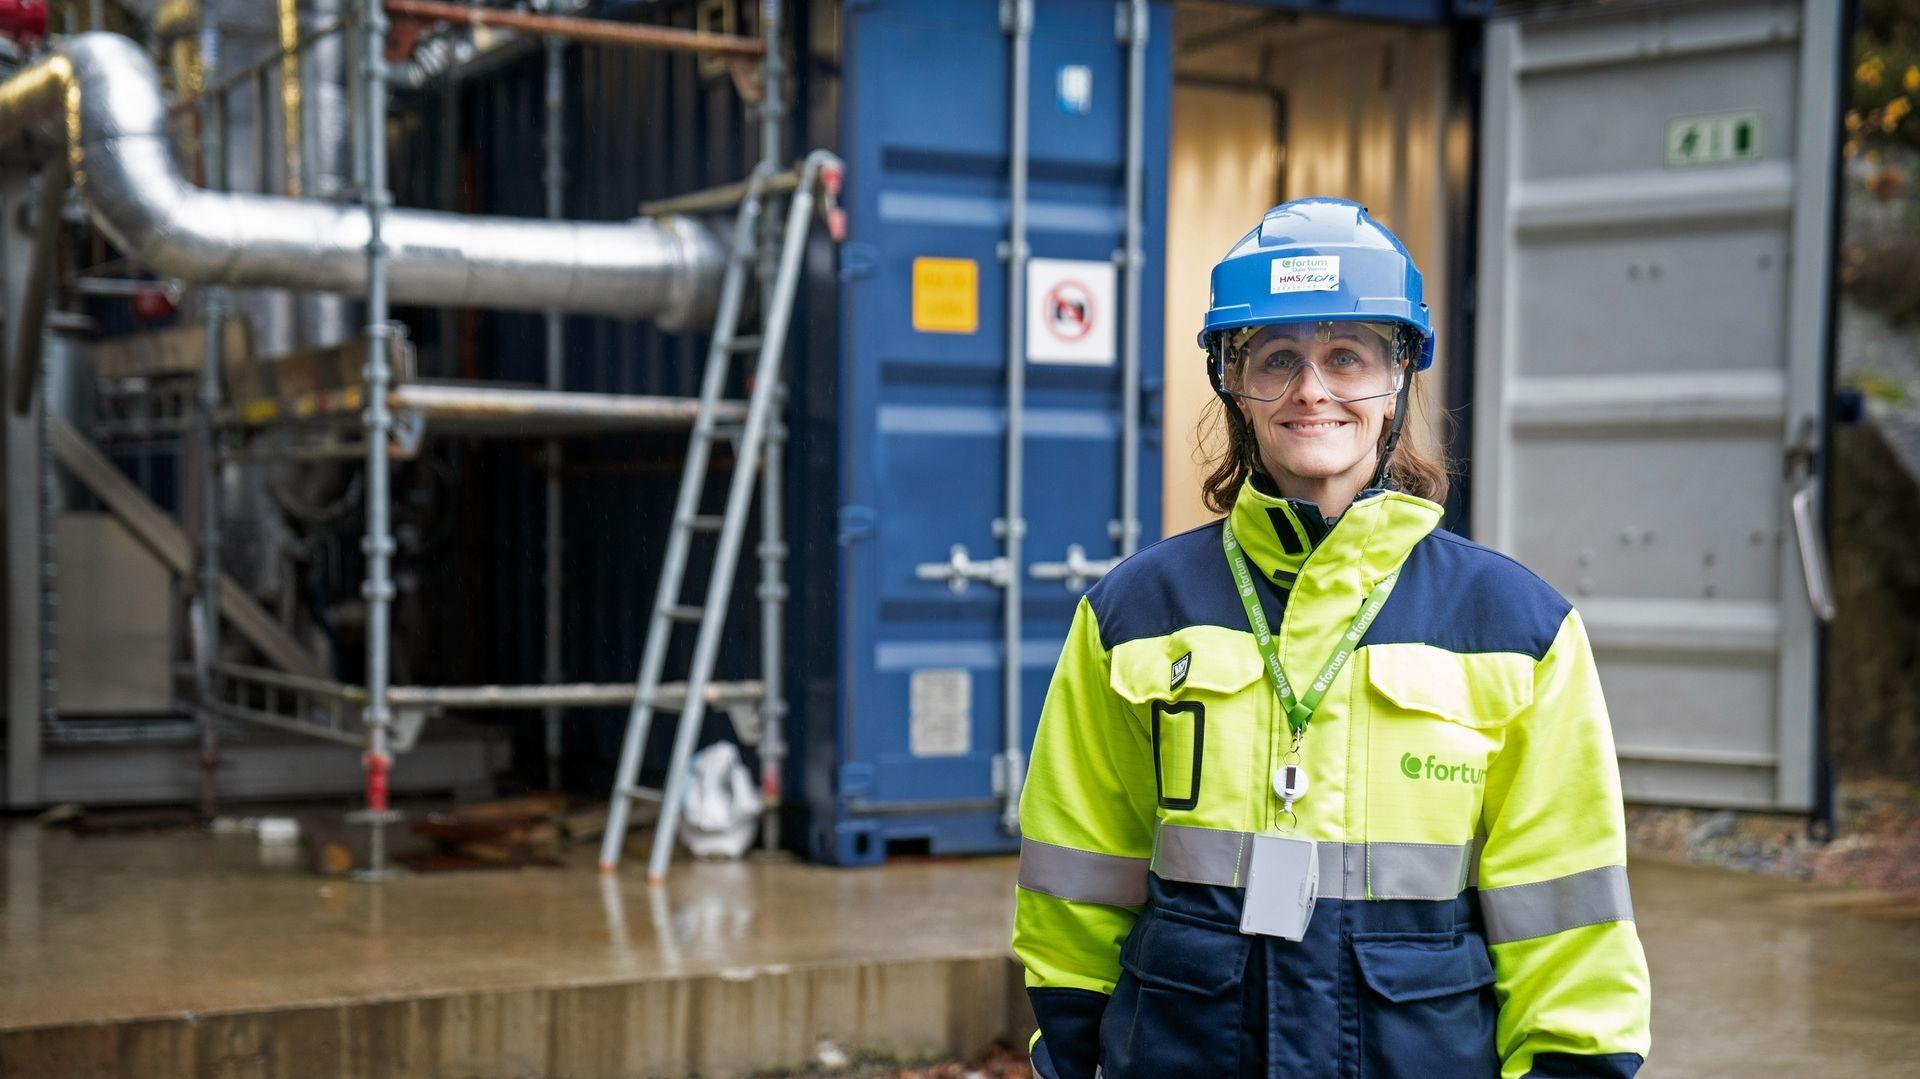 : Direktør Jannicke Gerner Bjerkås leder CCS-satsingen ved Oslo Fortum Varmes anlegg på Klemetsrud, som kunne blitt en pilot for søppelforbrenningsanlegg i Norge og andre land om regjeringen hadde gitt klarsignal.